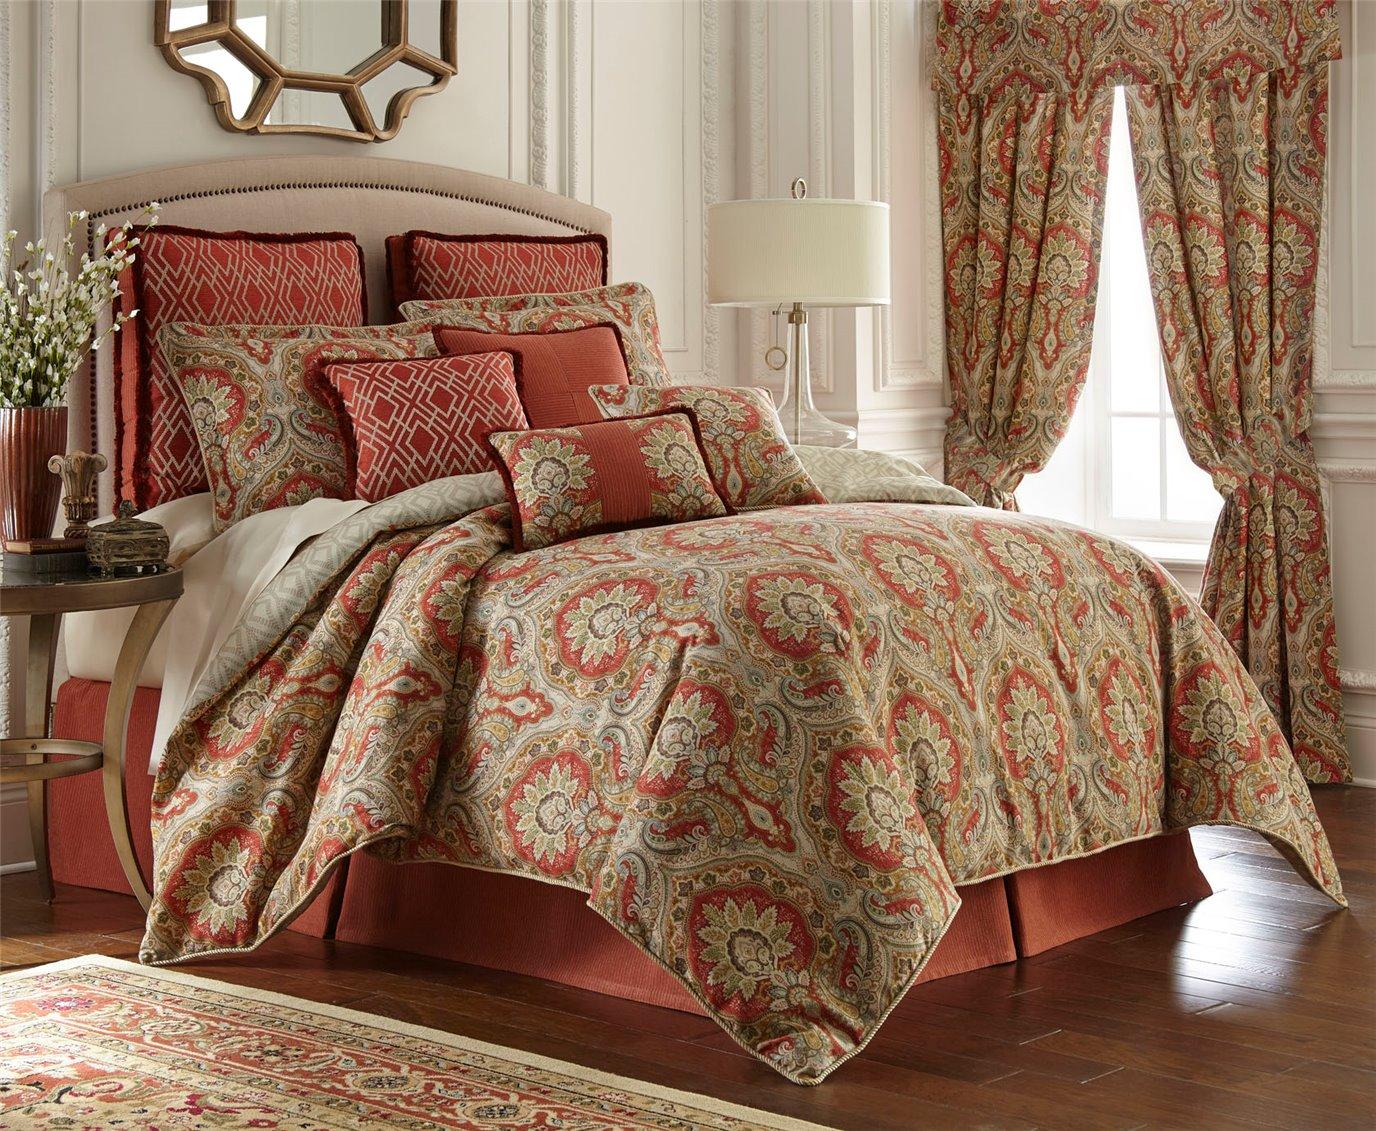 Harrogate Paisley 4 Piece Queen Comforter Set